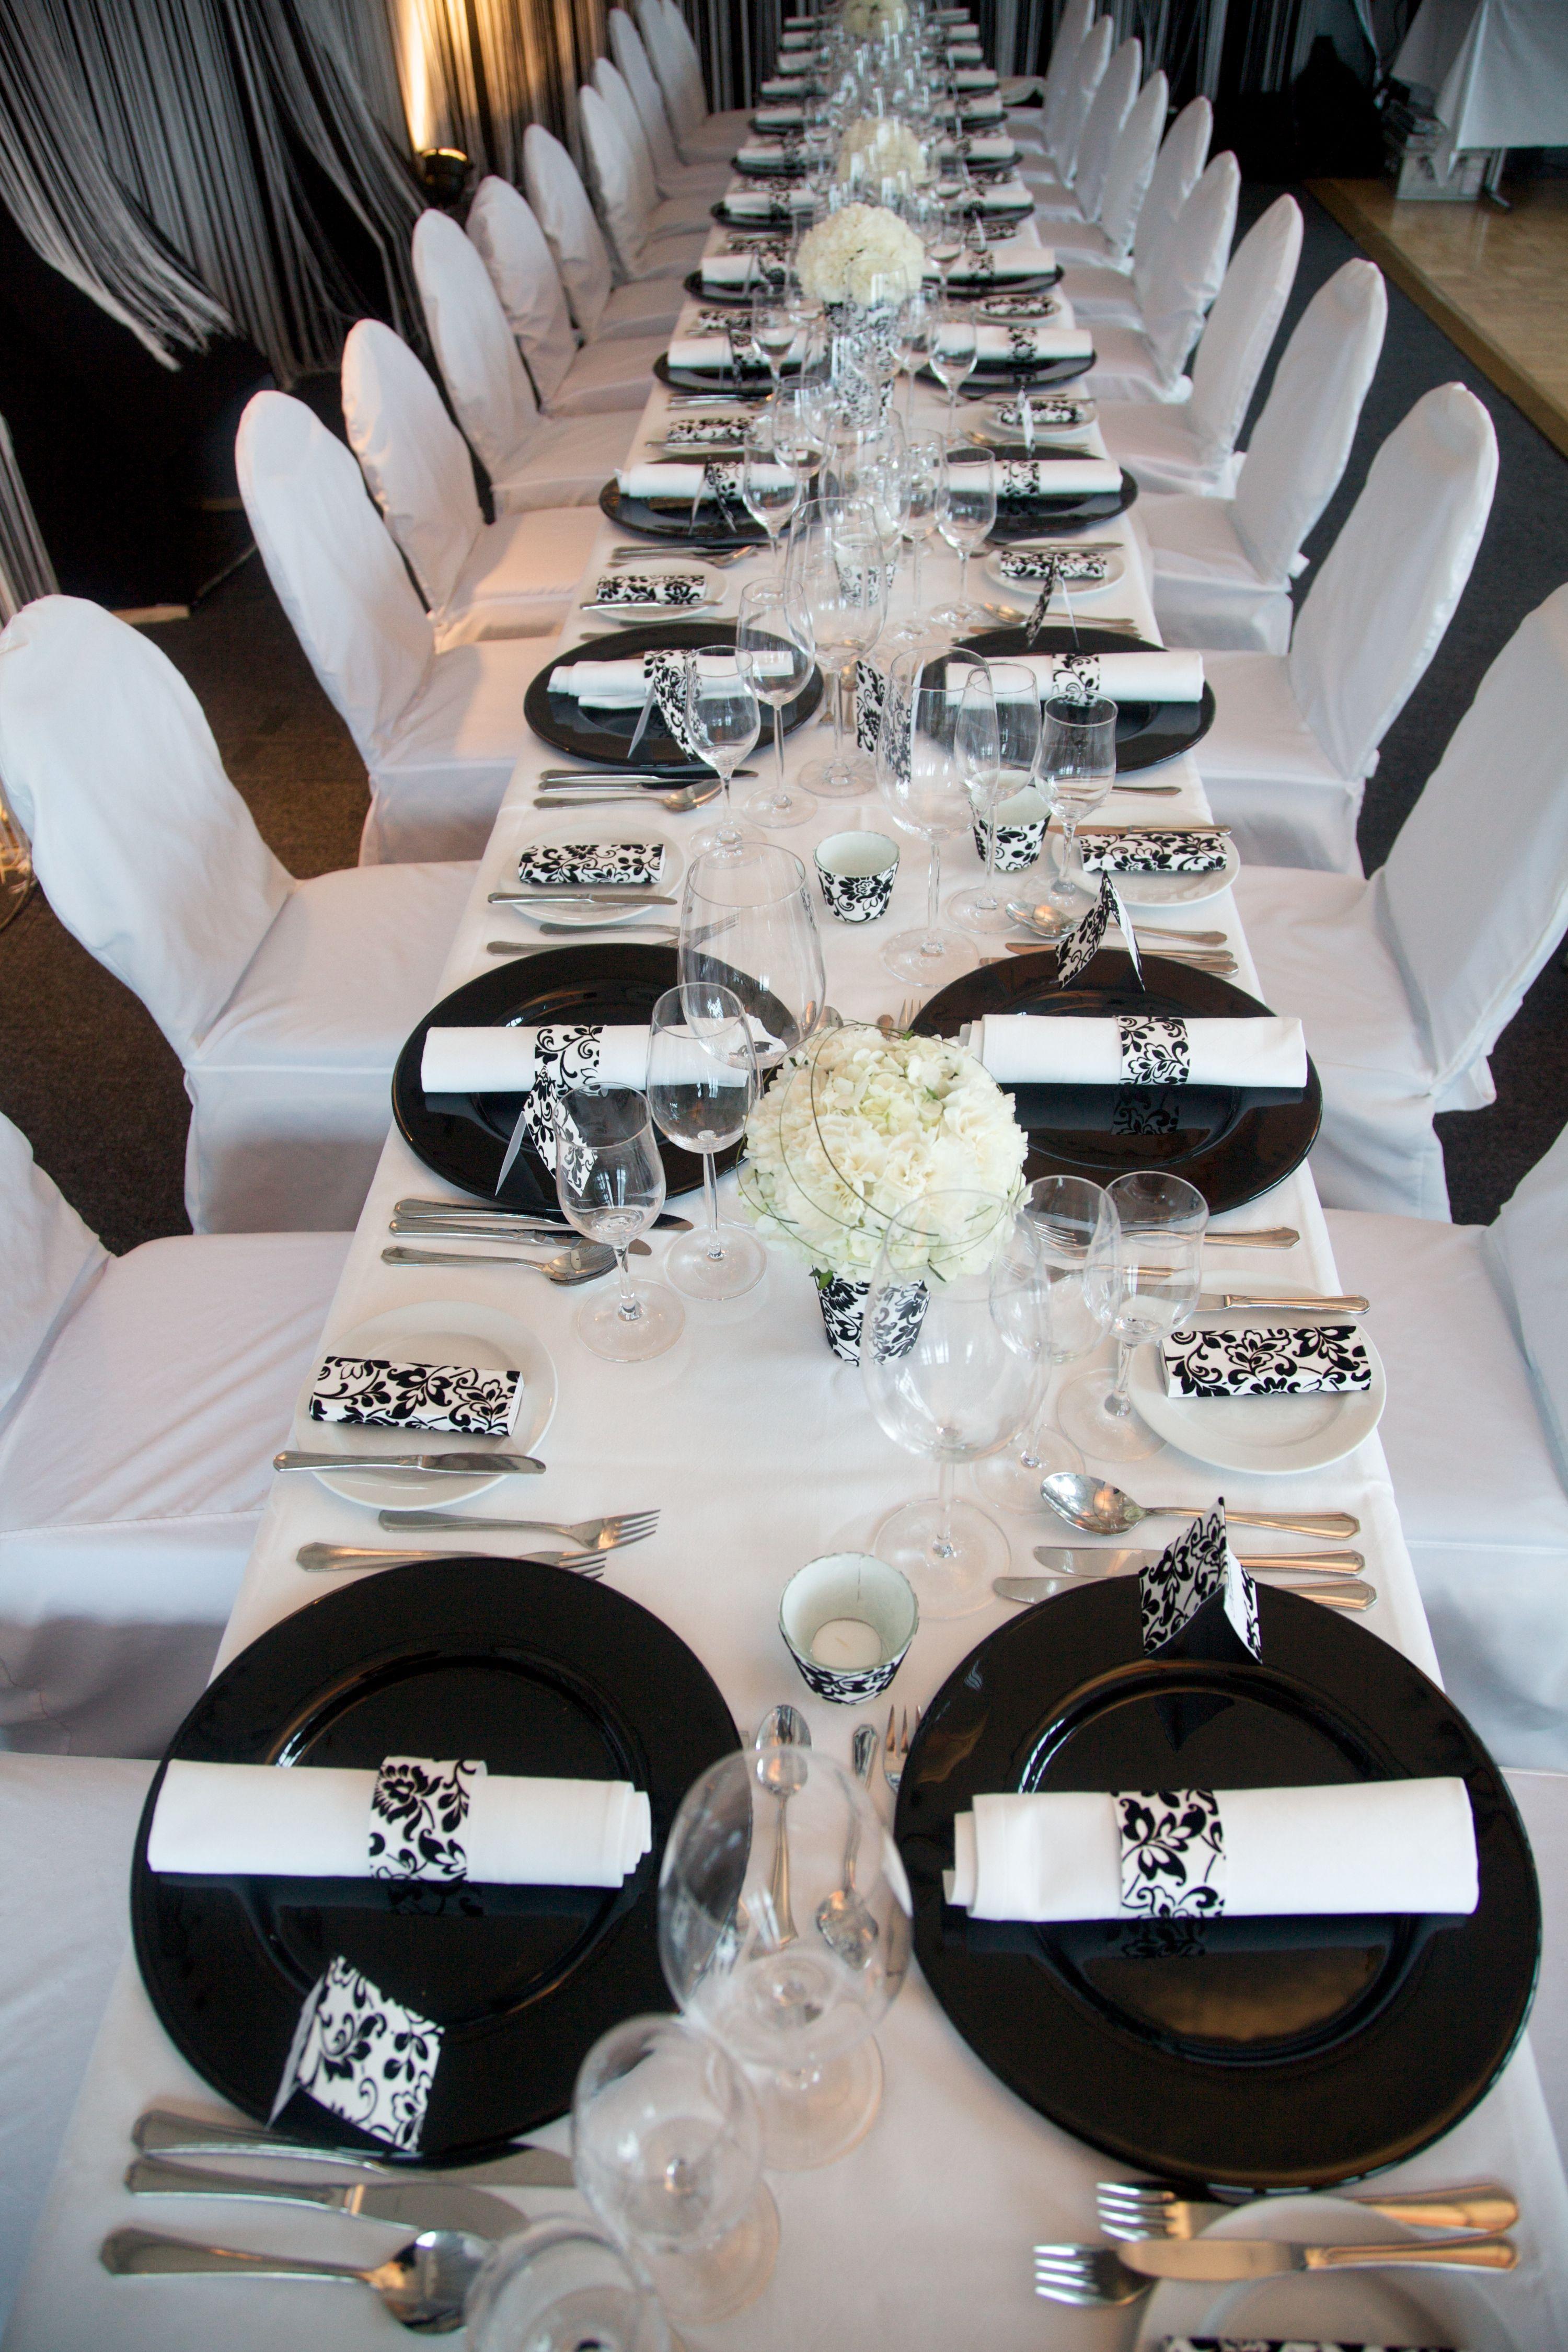 Hochzeitstorten Rockabilly Hochzeitstorten Black White Wedding Decorations Black And White Party Decorations White Wedding Decorations